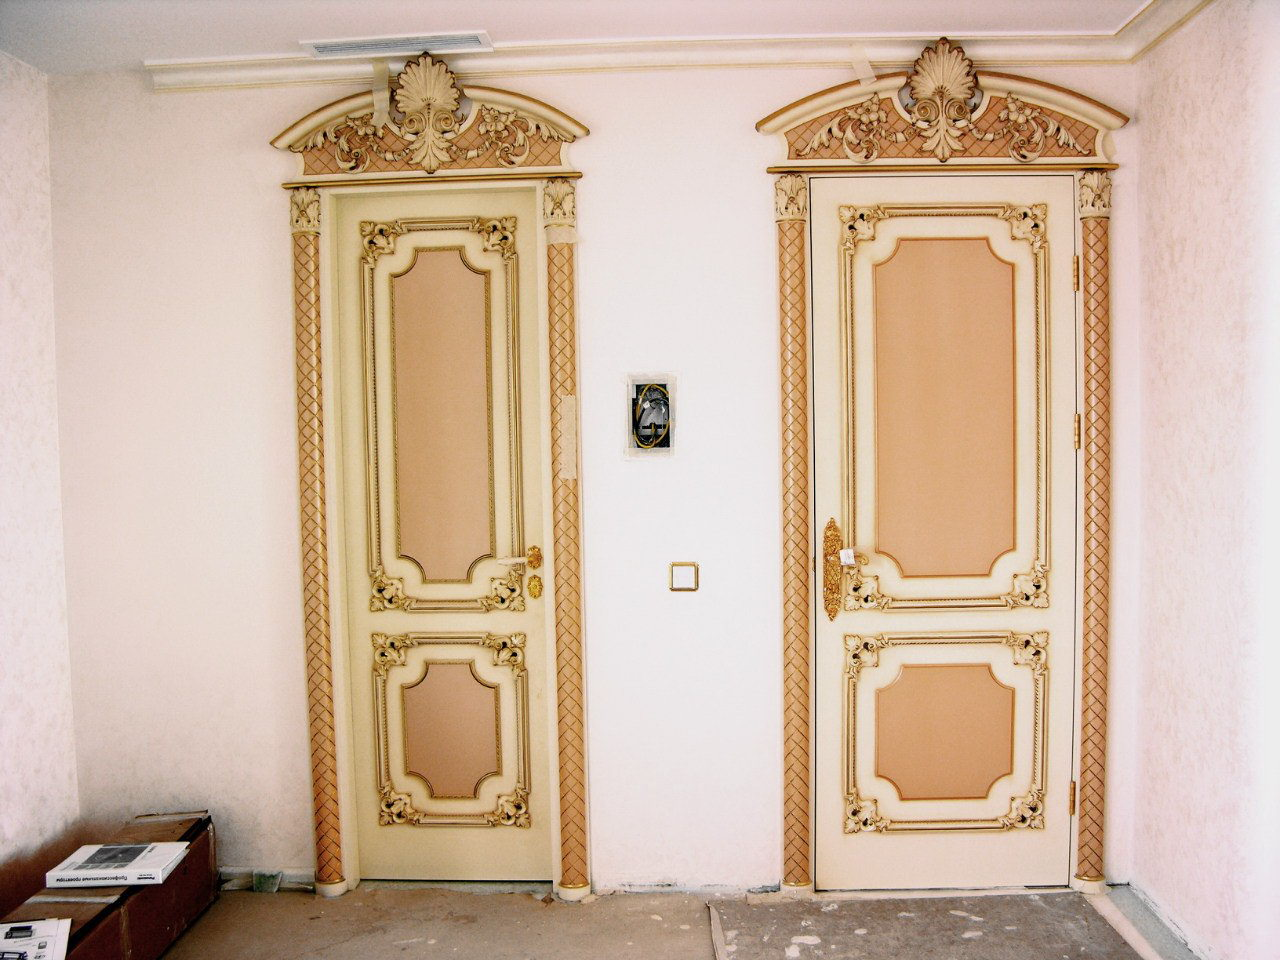 Покраска деревянных дверей - выбор краски, подготовка и нанесение